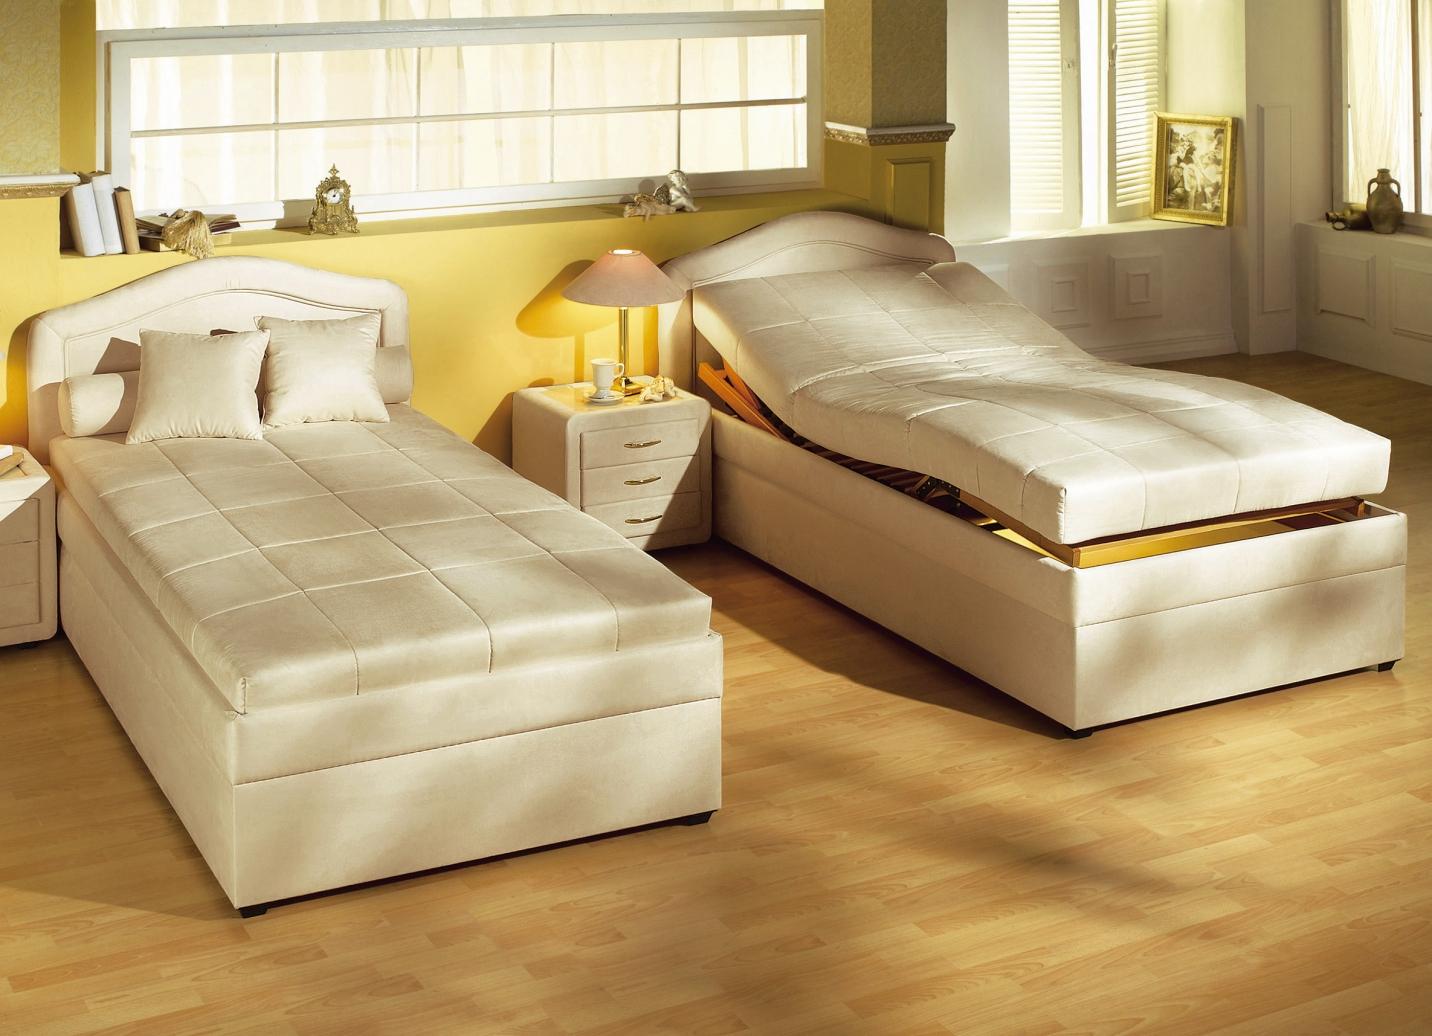 komfortbett in verschiedenen komfortablen ausf hrungen schlafzimmer bader